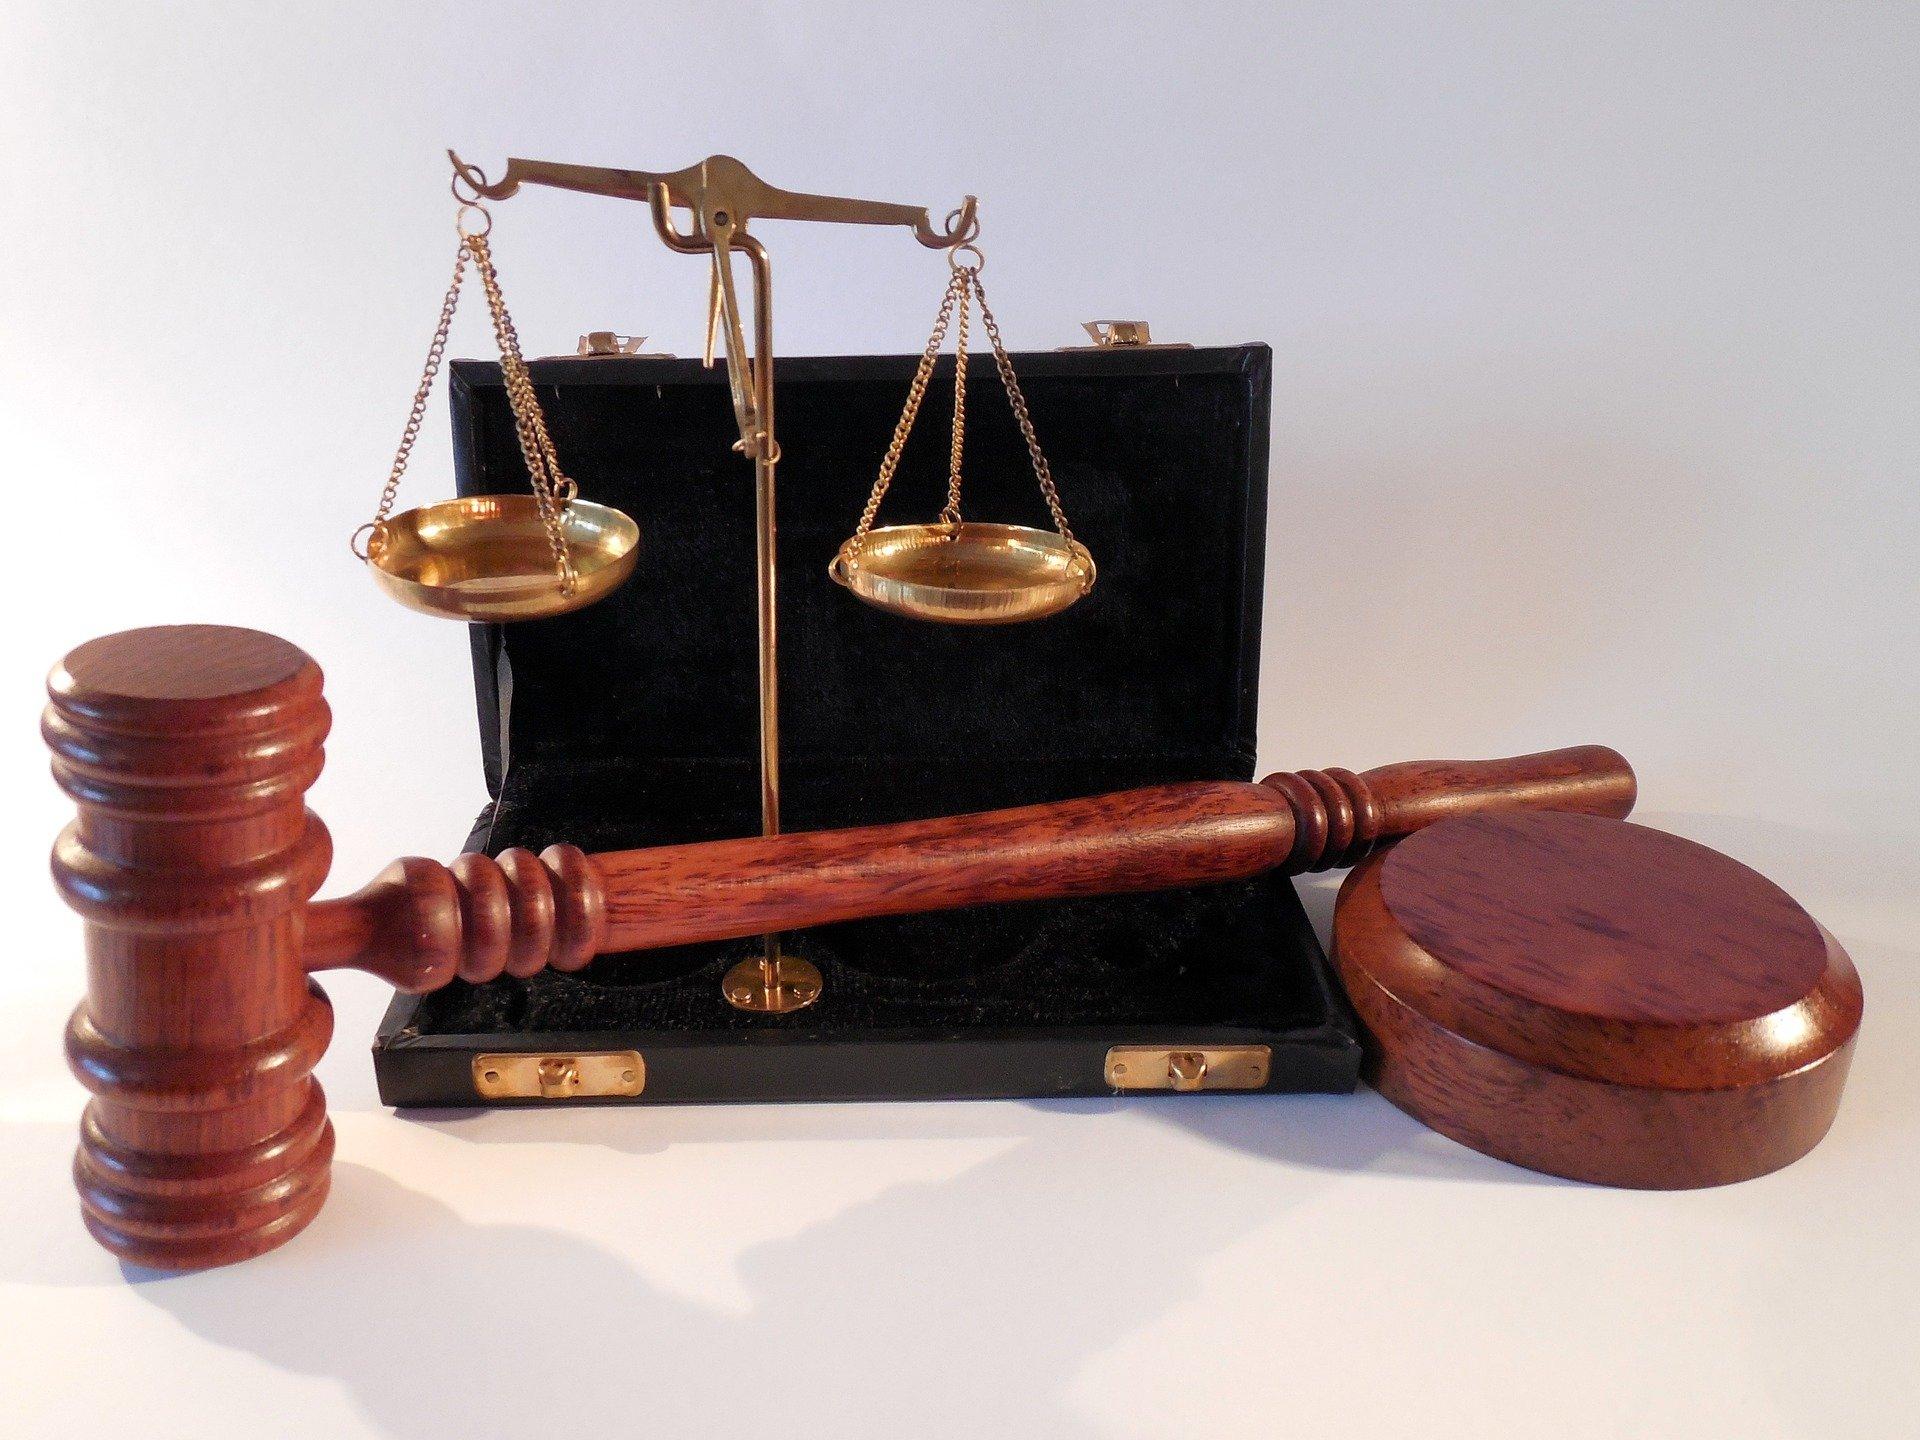 Un homme de 22 ans é été reconnu coupable de «violences en réunion» à l'encontre de quatre policiers. Il a fait appel du jugement.